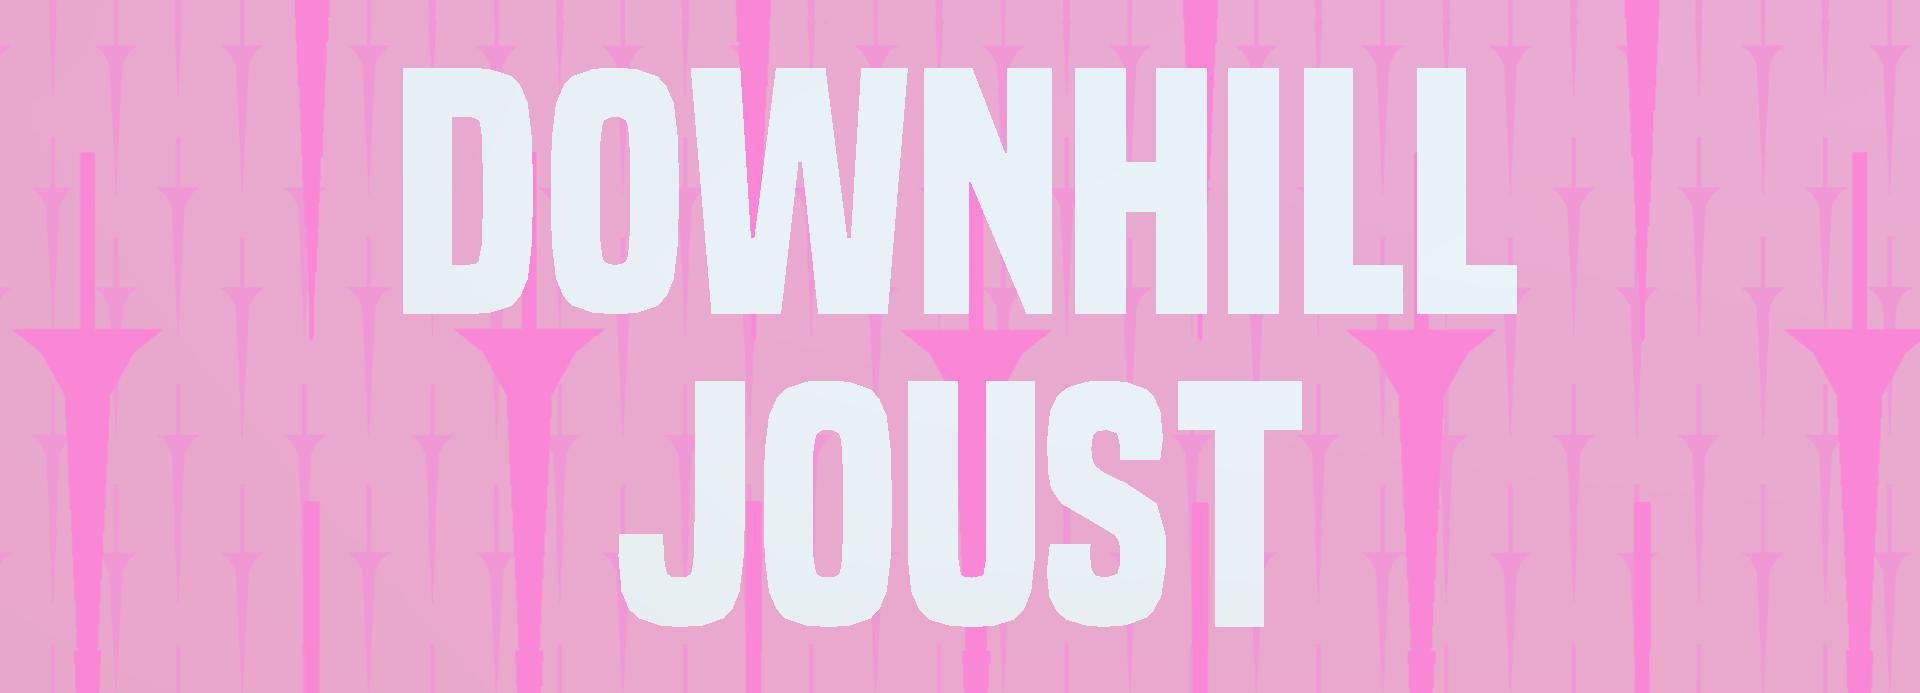 Downhill Joust